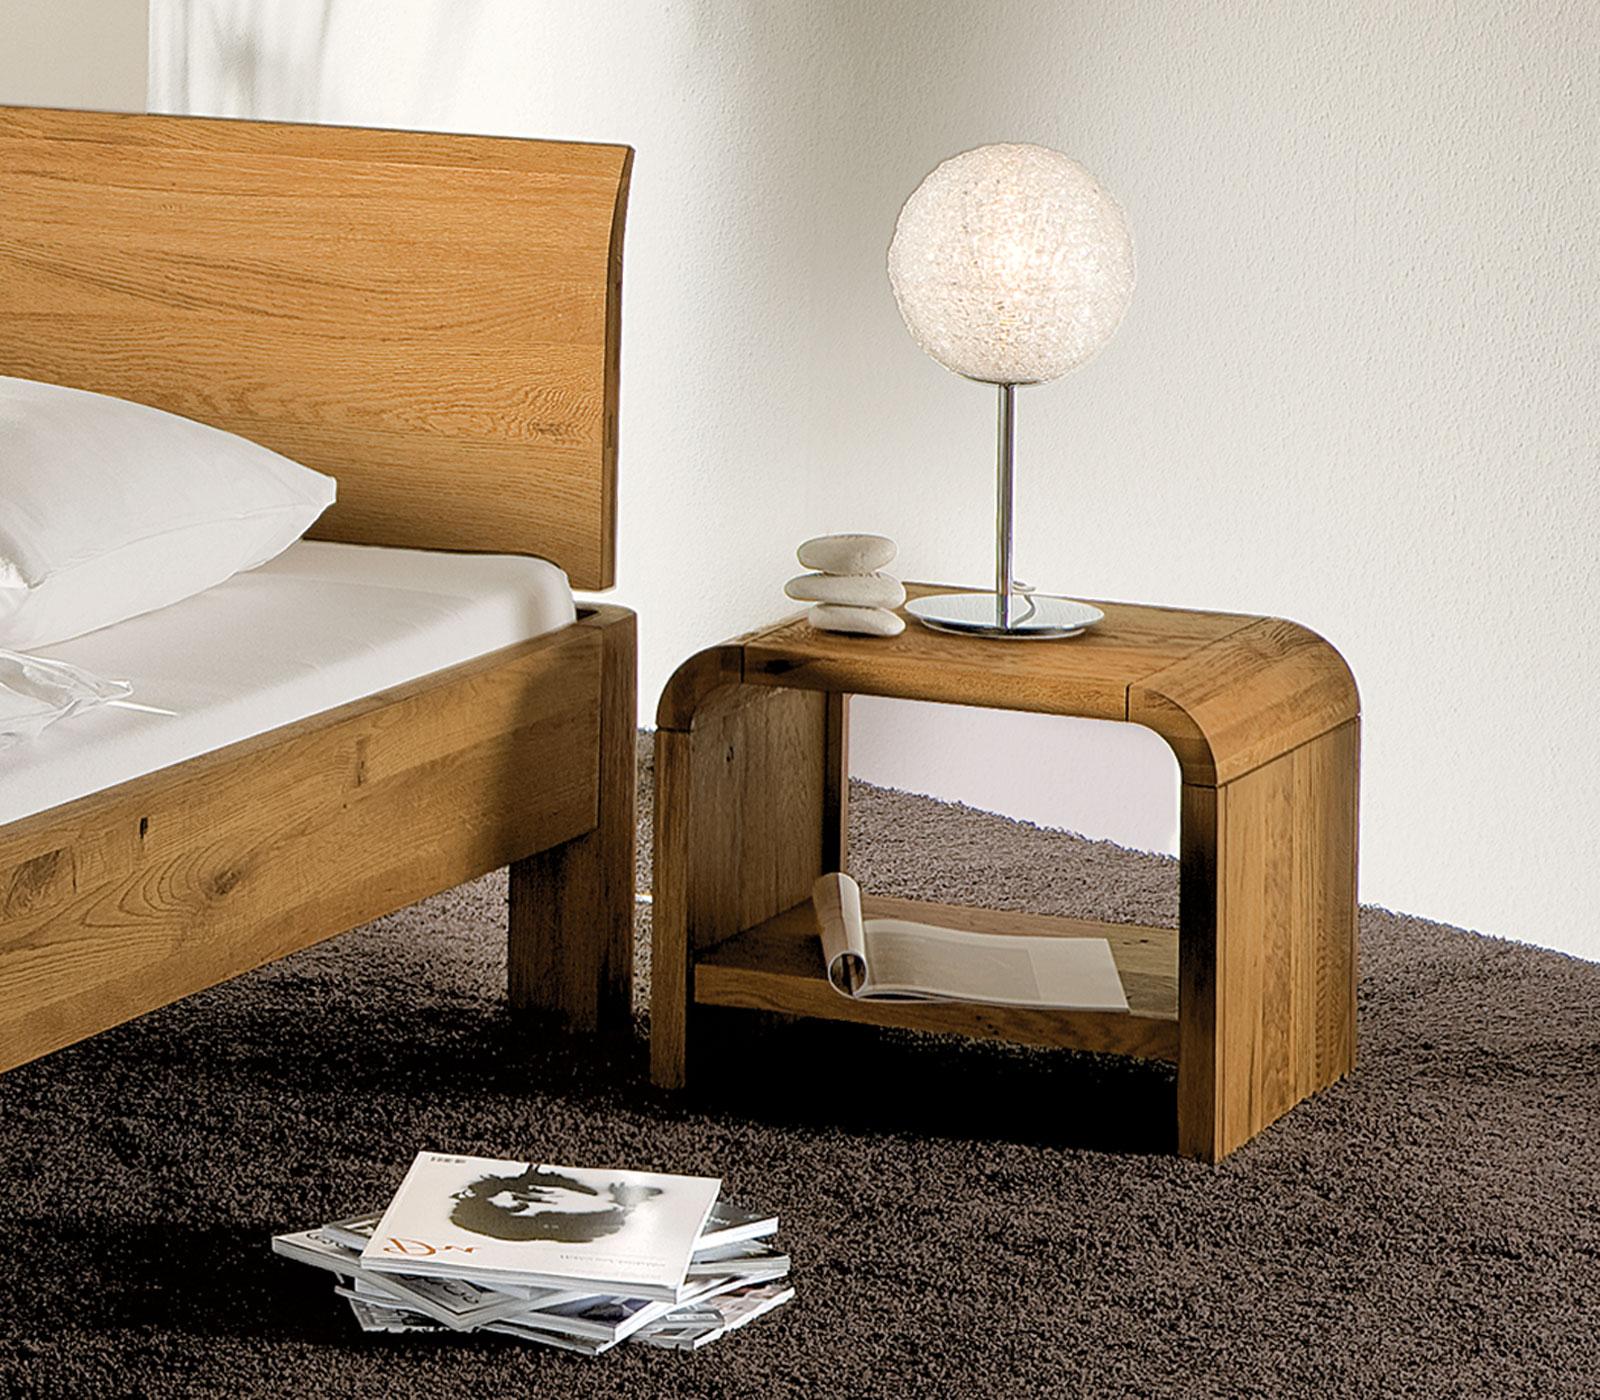 nachttisch mit abgerundeten ecken massiv - santa clara, Schlafzimmer entwurf